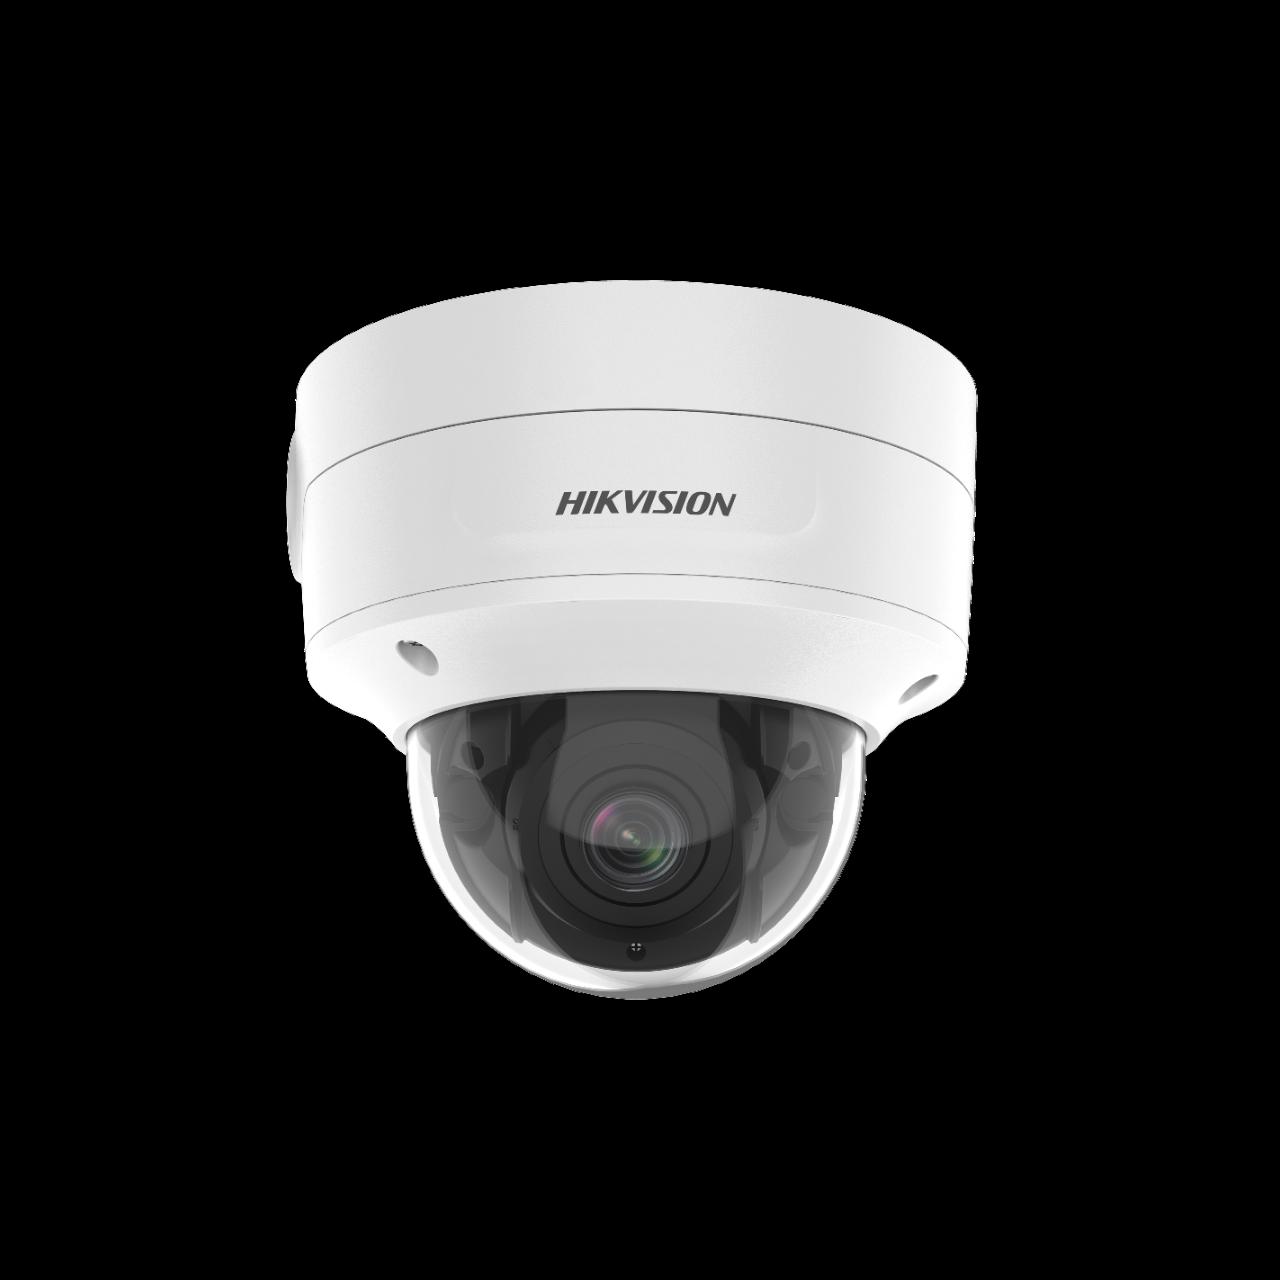 Εικόνα της DS-2CD2726G2-IZS(C)  2MP AcuSense Powered-by-DarkFighter Motorized Varifocal Dome IP 2.8-12mm Camera Hikvision